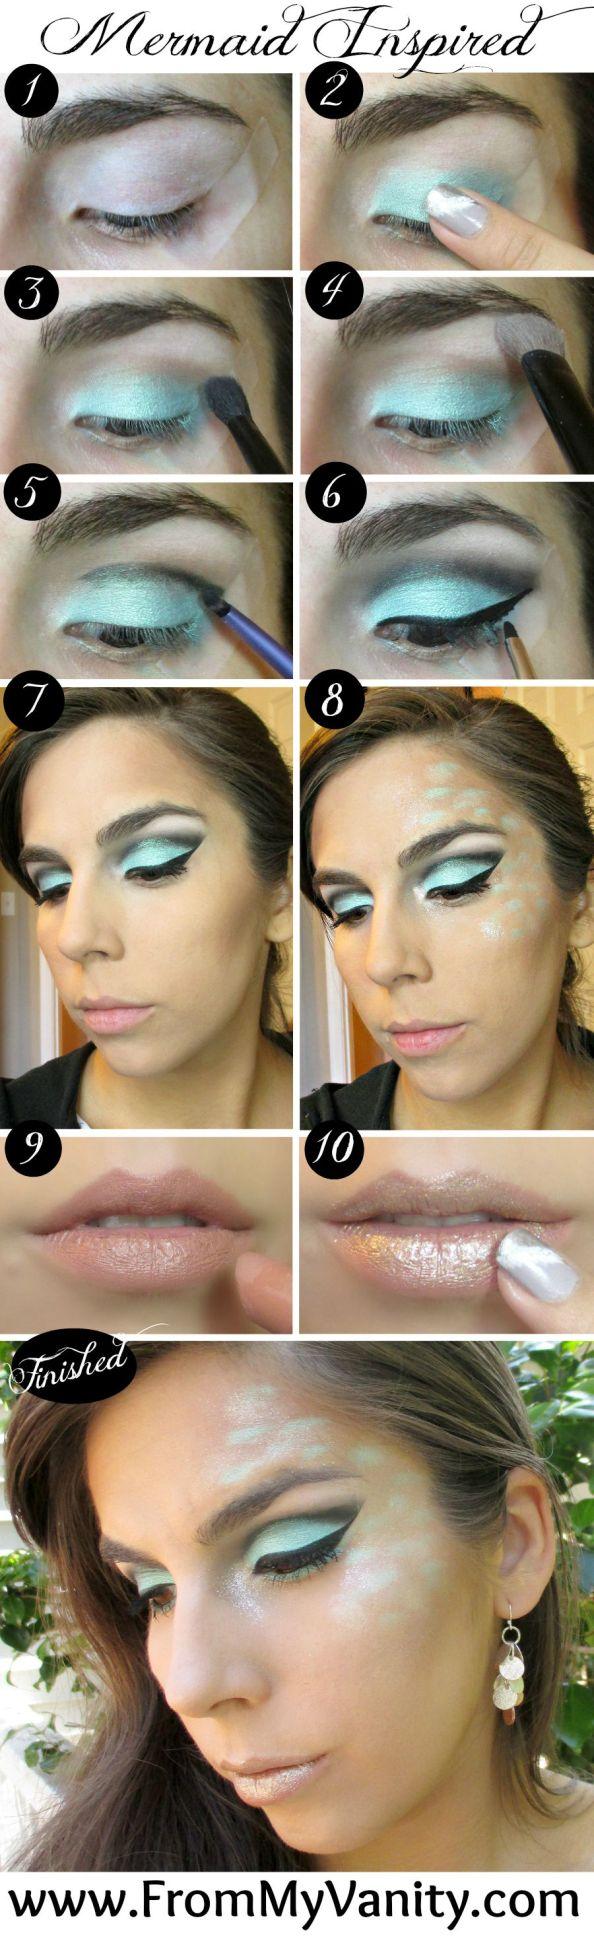 mermaid-inspired-makeup-tutorial-stepbystep